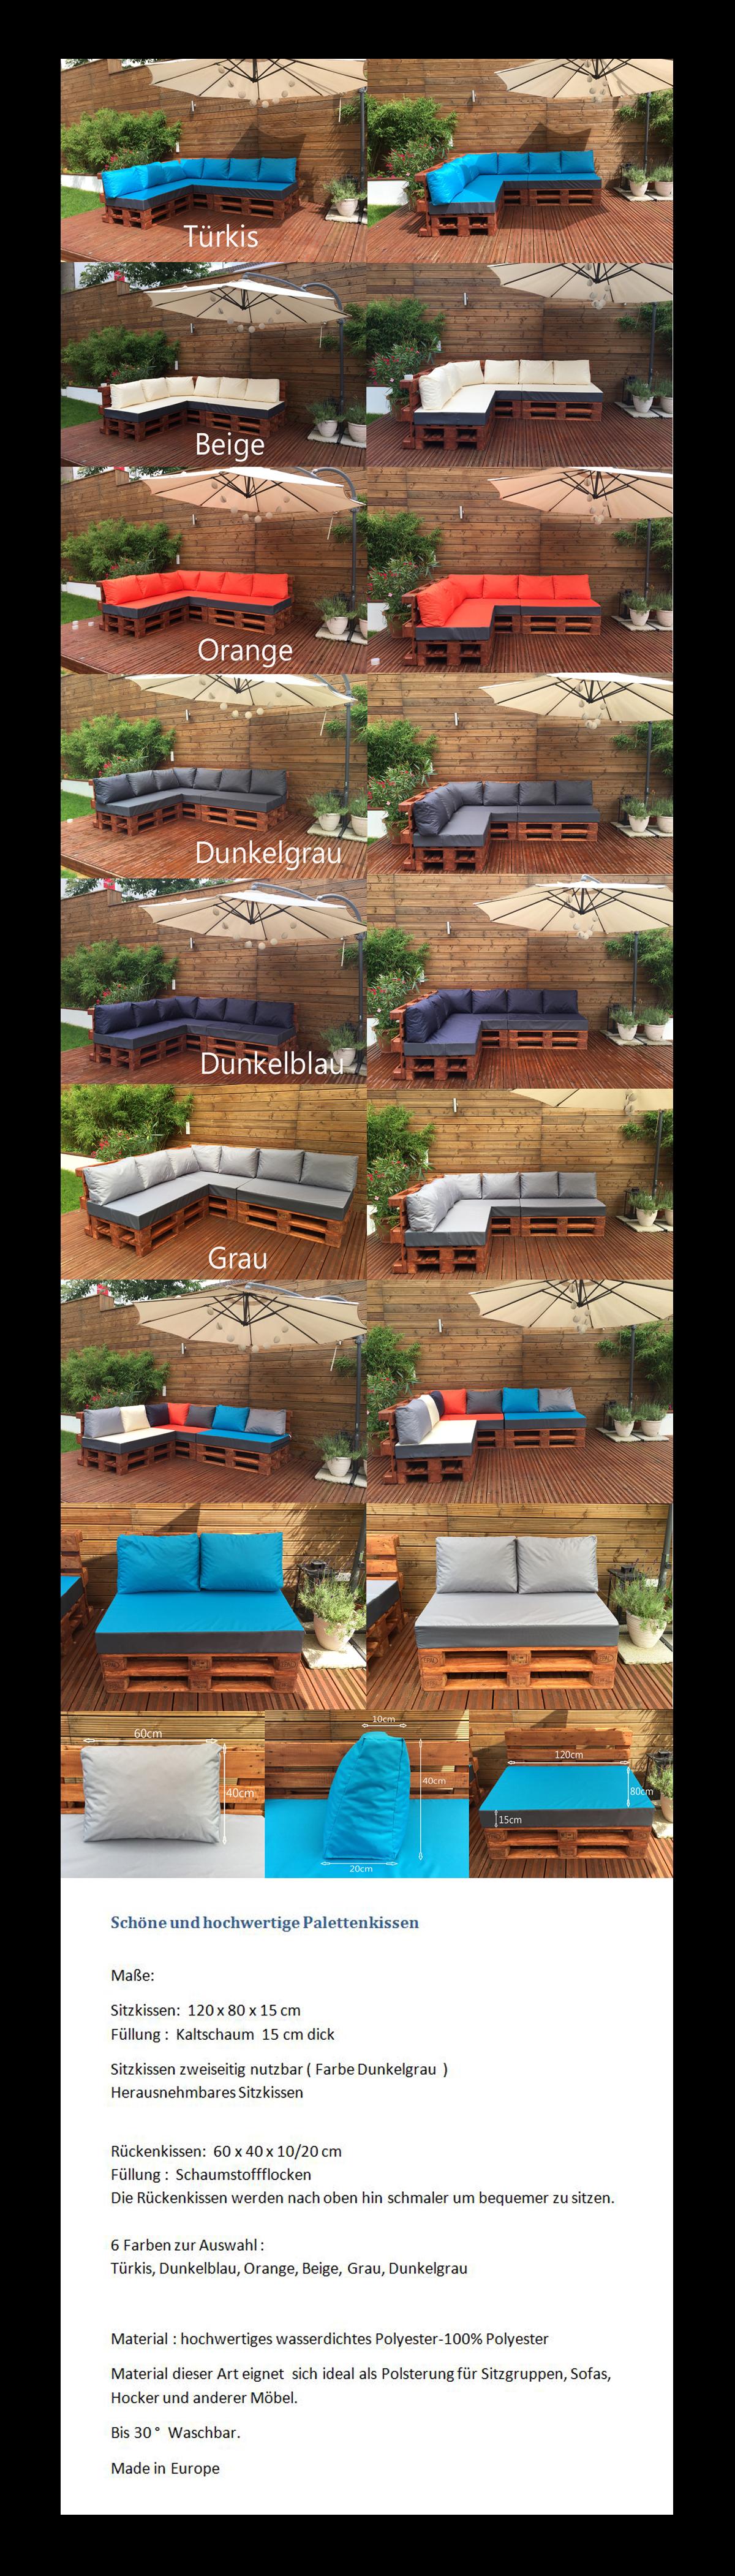 palettenkissen palettenauflage sitzkissen palettensofa euro paletten polster ebay. Black Bedroom Furniture Sets. Home Design Ideas